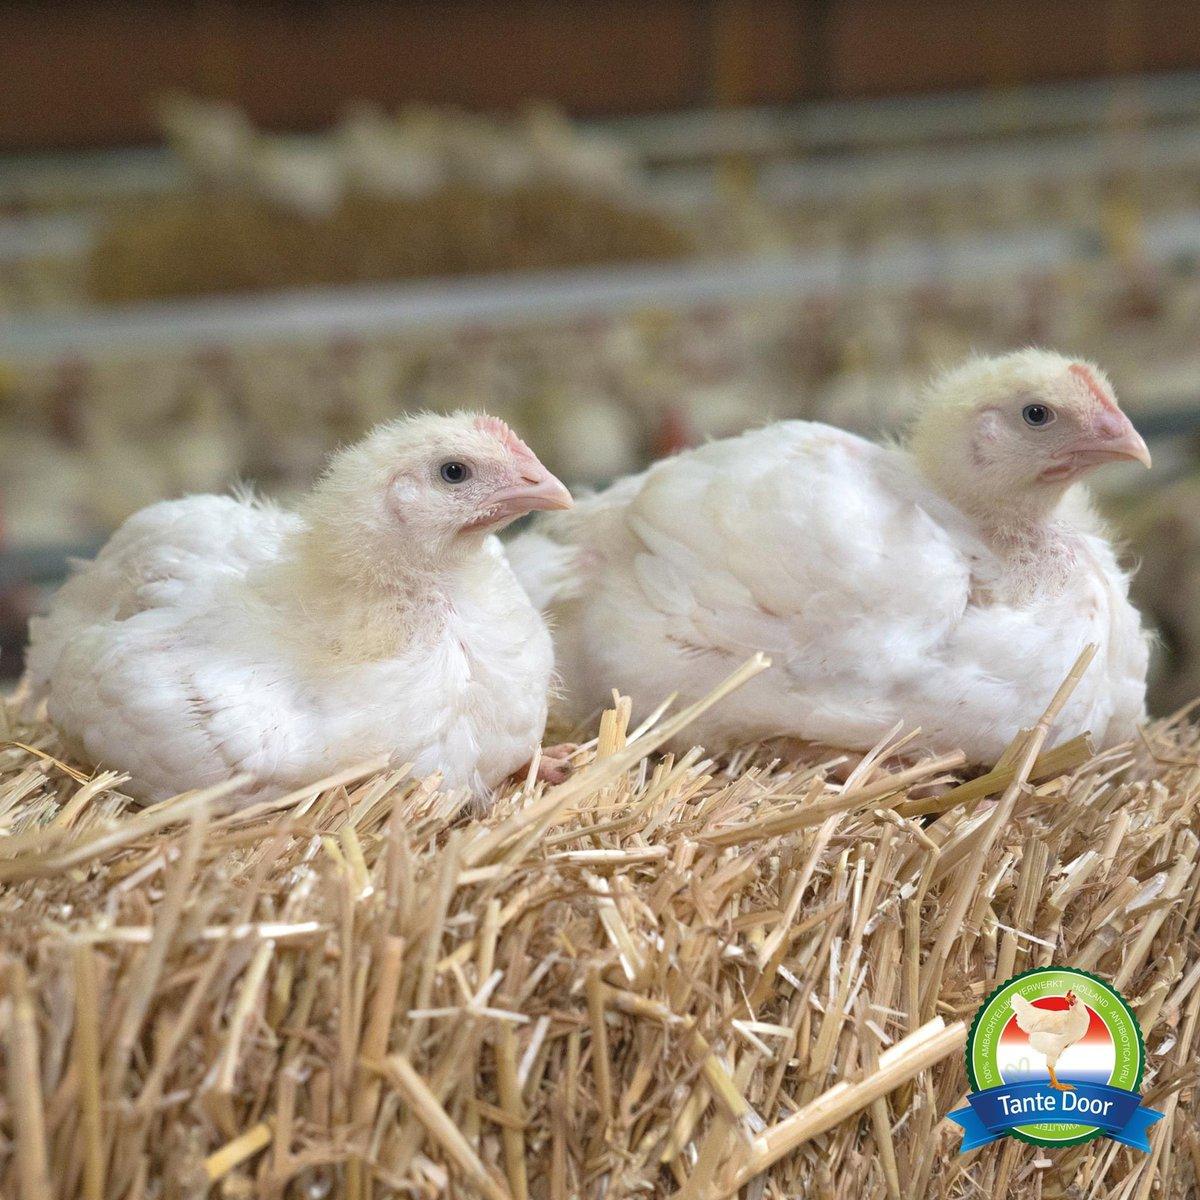 Fijne maandag! Wist je dat er strobalen in de stallen liggen? Hier kunnen de Tante Door kippen op zitten, in pikken en uit elkaar trekken. Ze gebruiken het echt als speelmateriaal. #tantedoor #strobalen